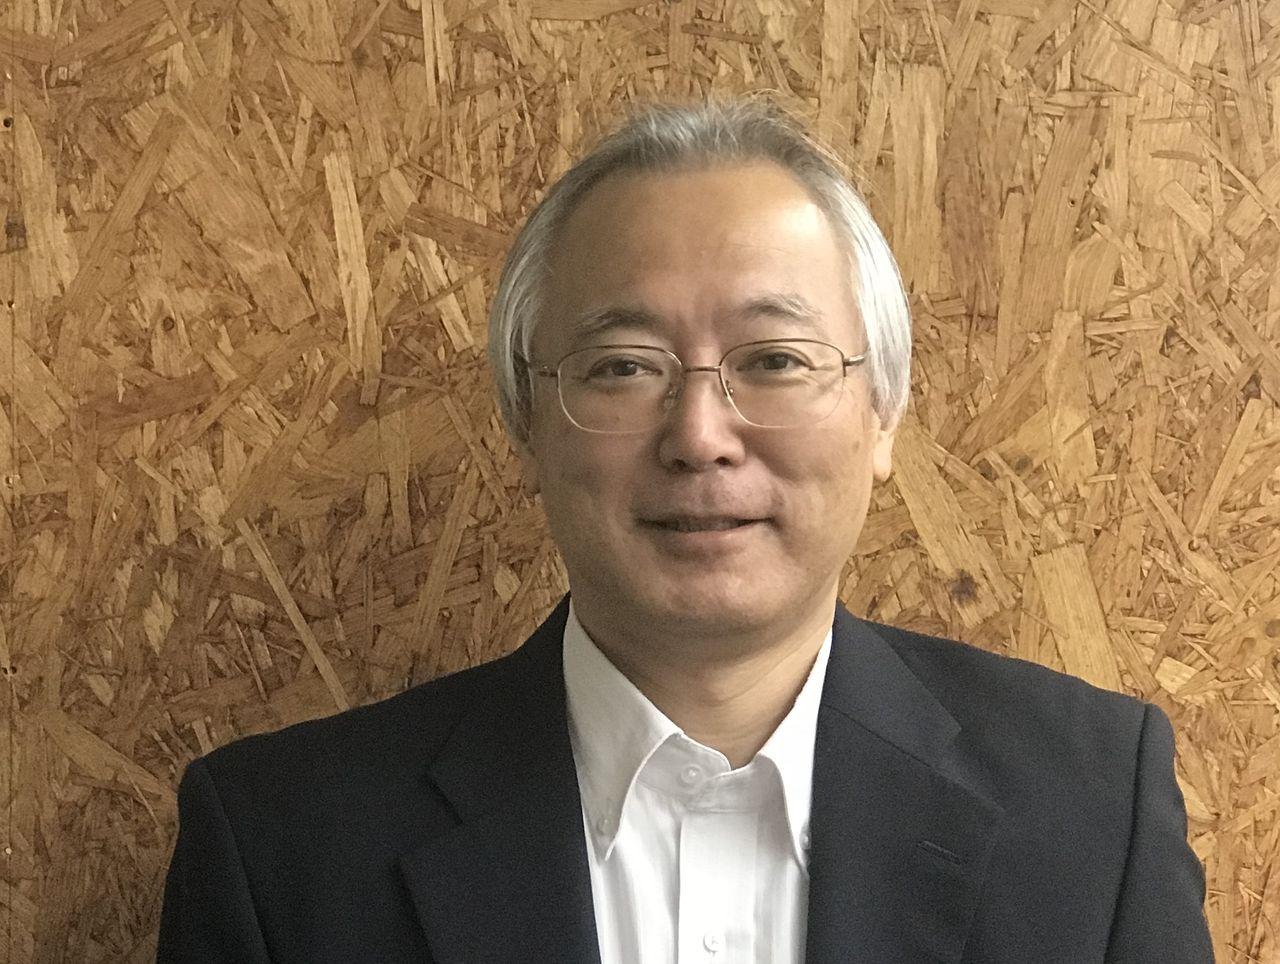 (この記事のブログ№1793)クーパーズ不動産・代表・稲吉靖彦のプロフィールをご紹介させていただきます。